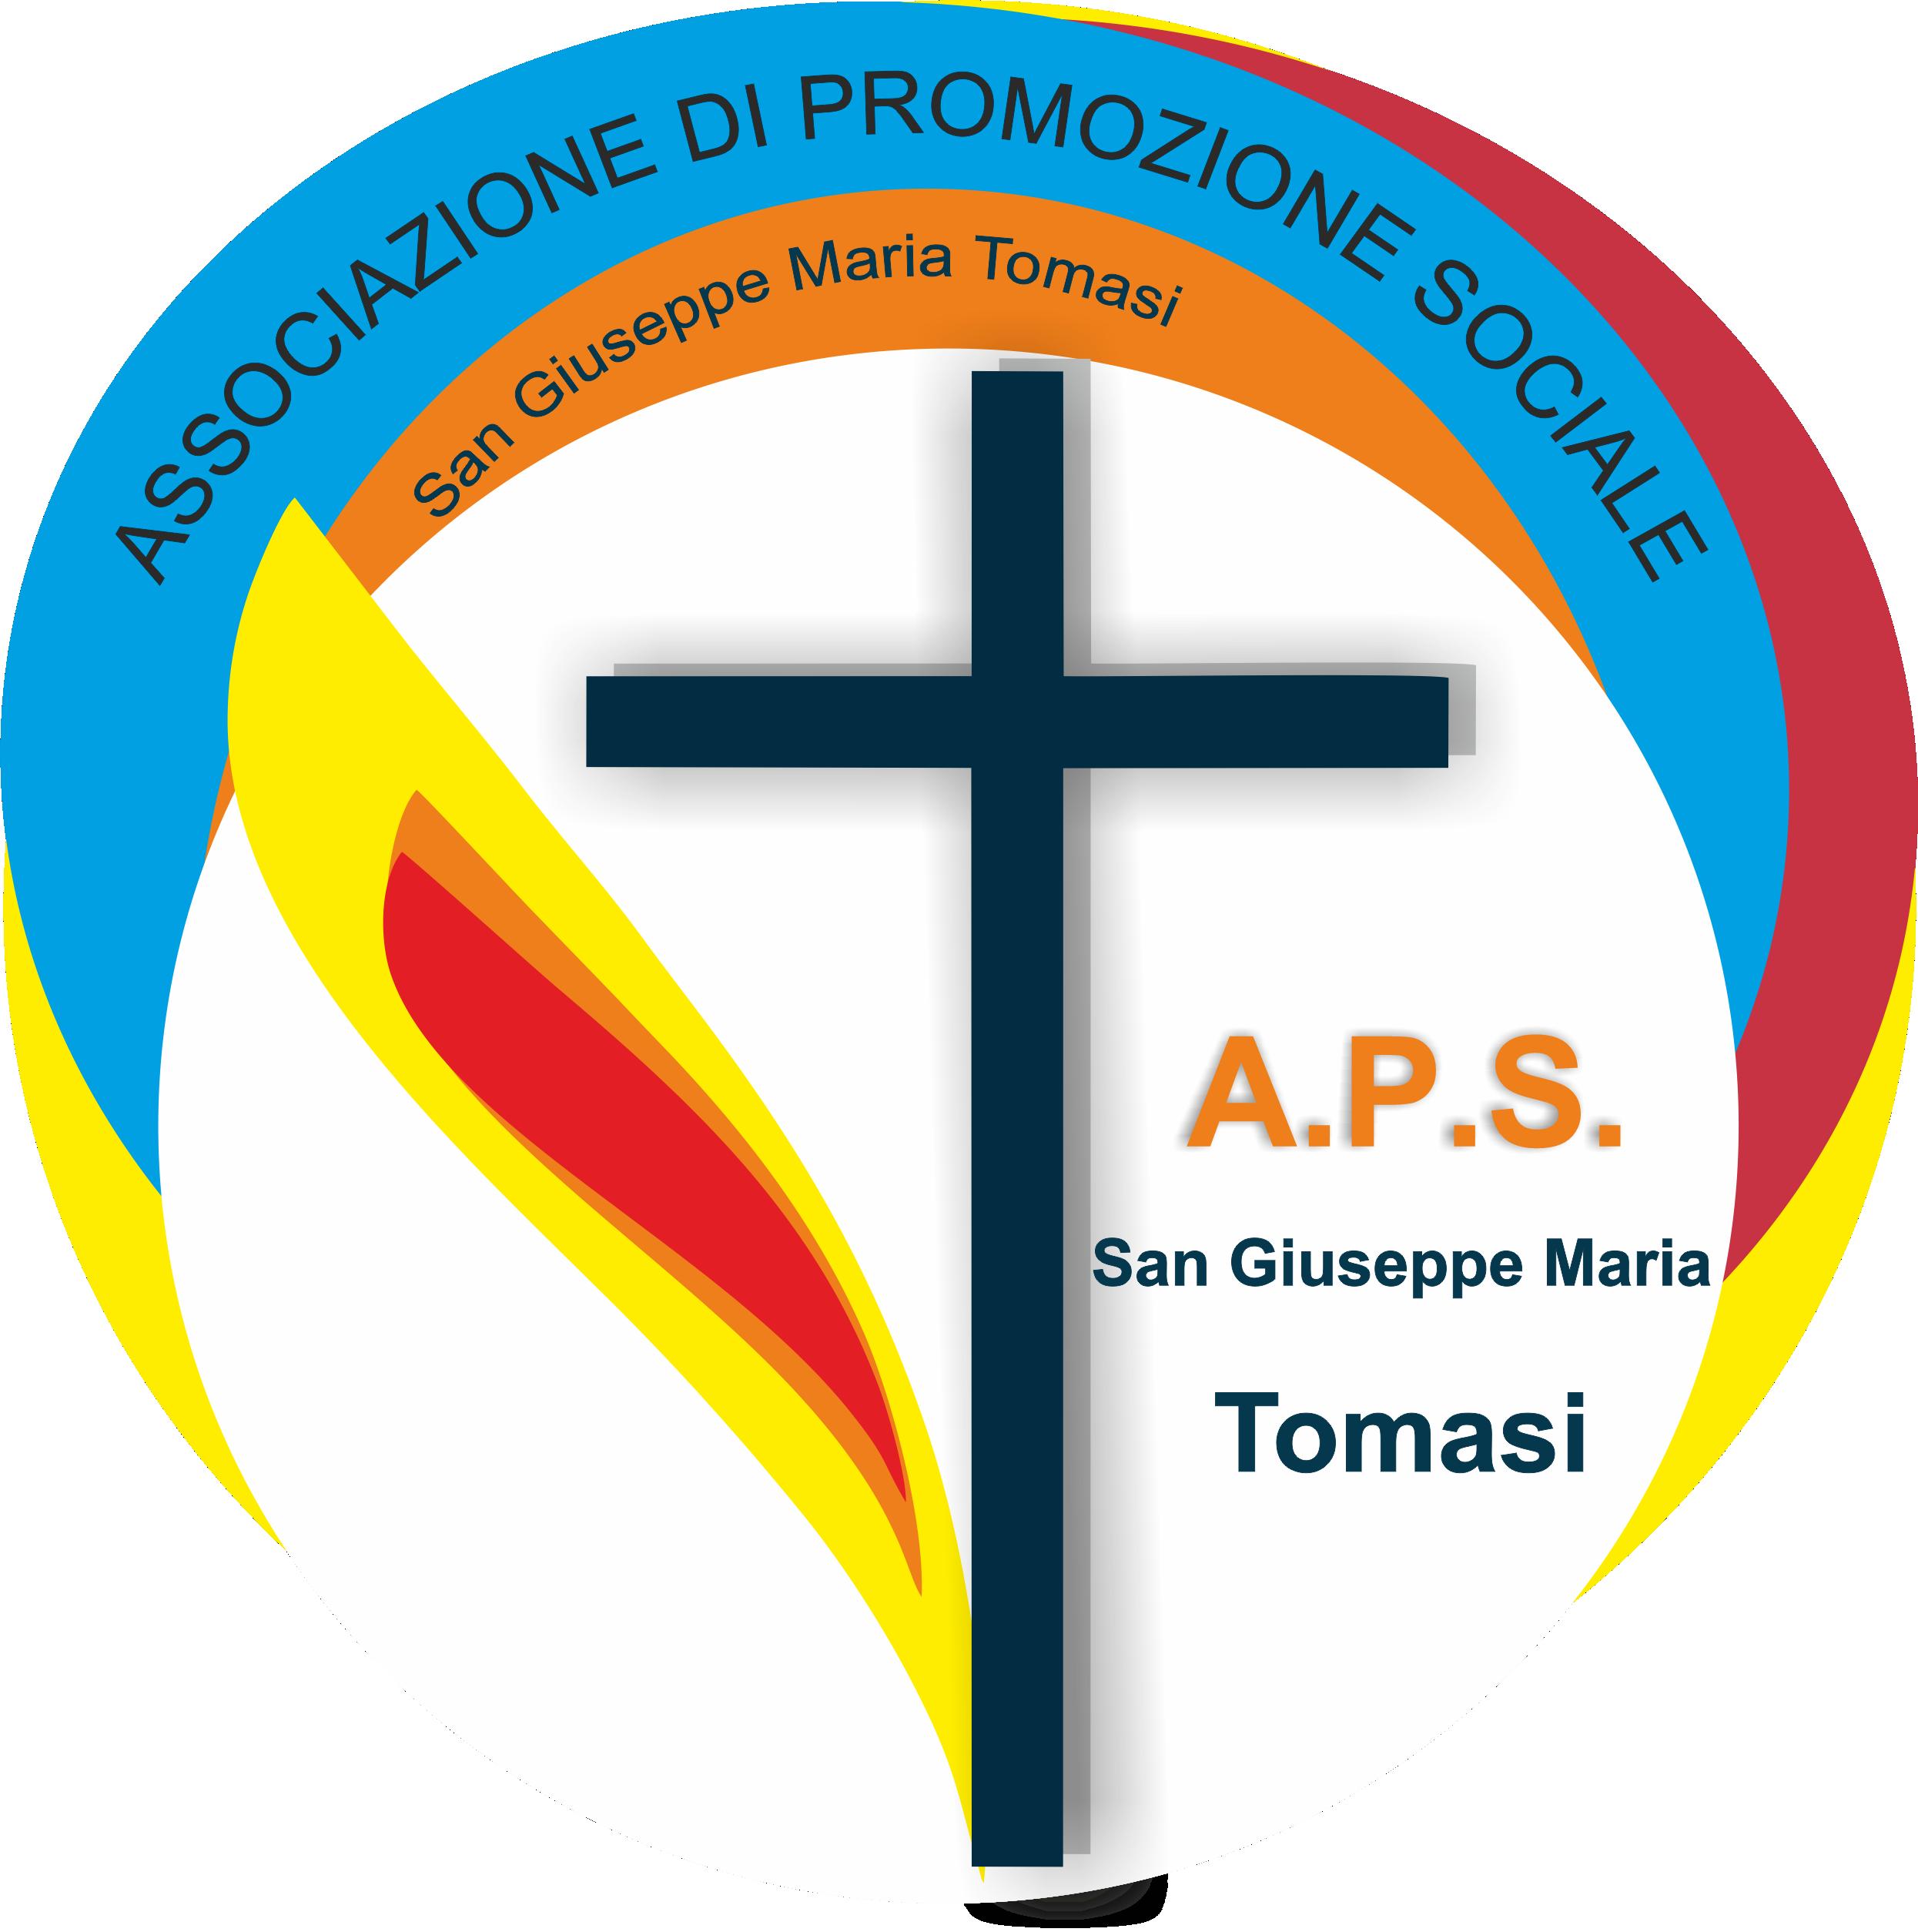 APS San Giuseppe Maria Tomasi